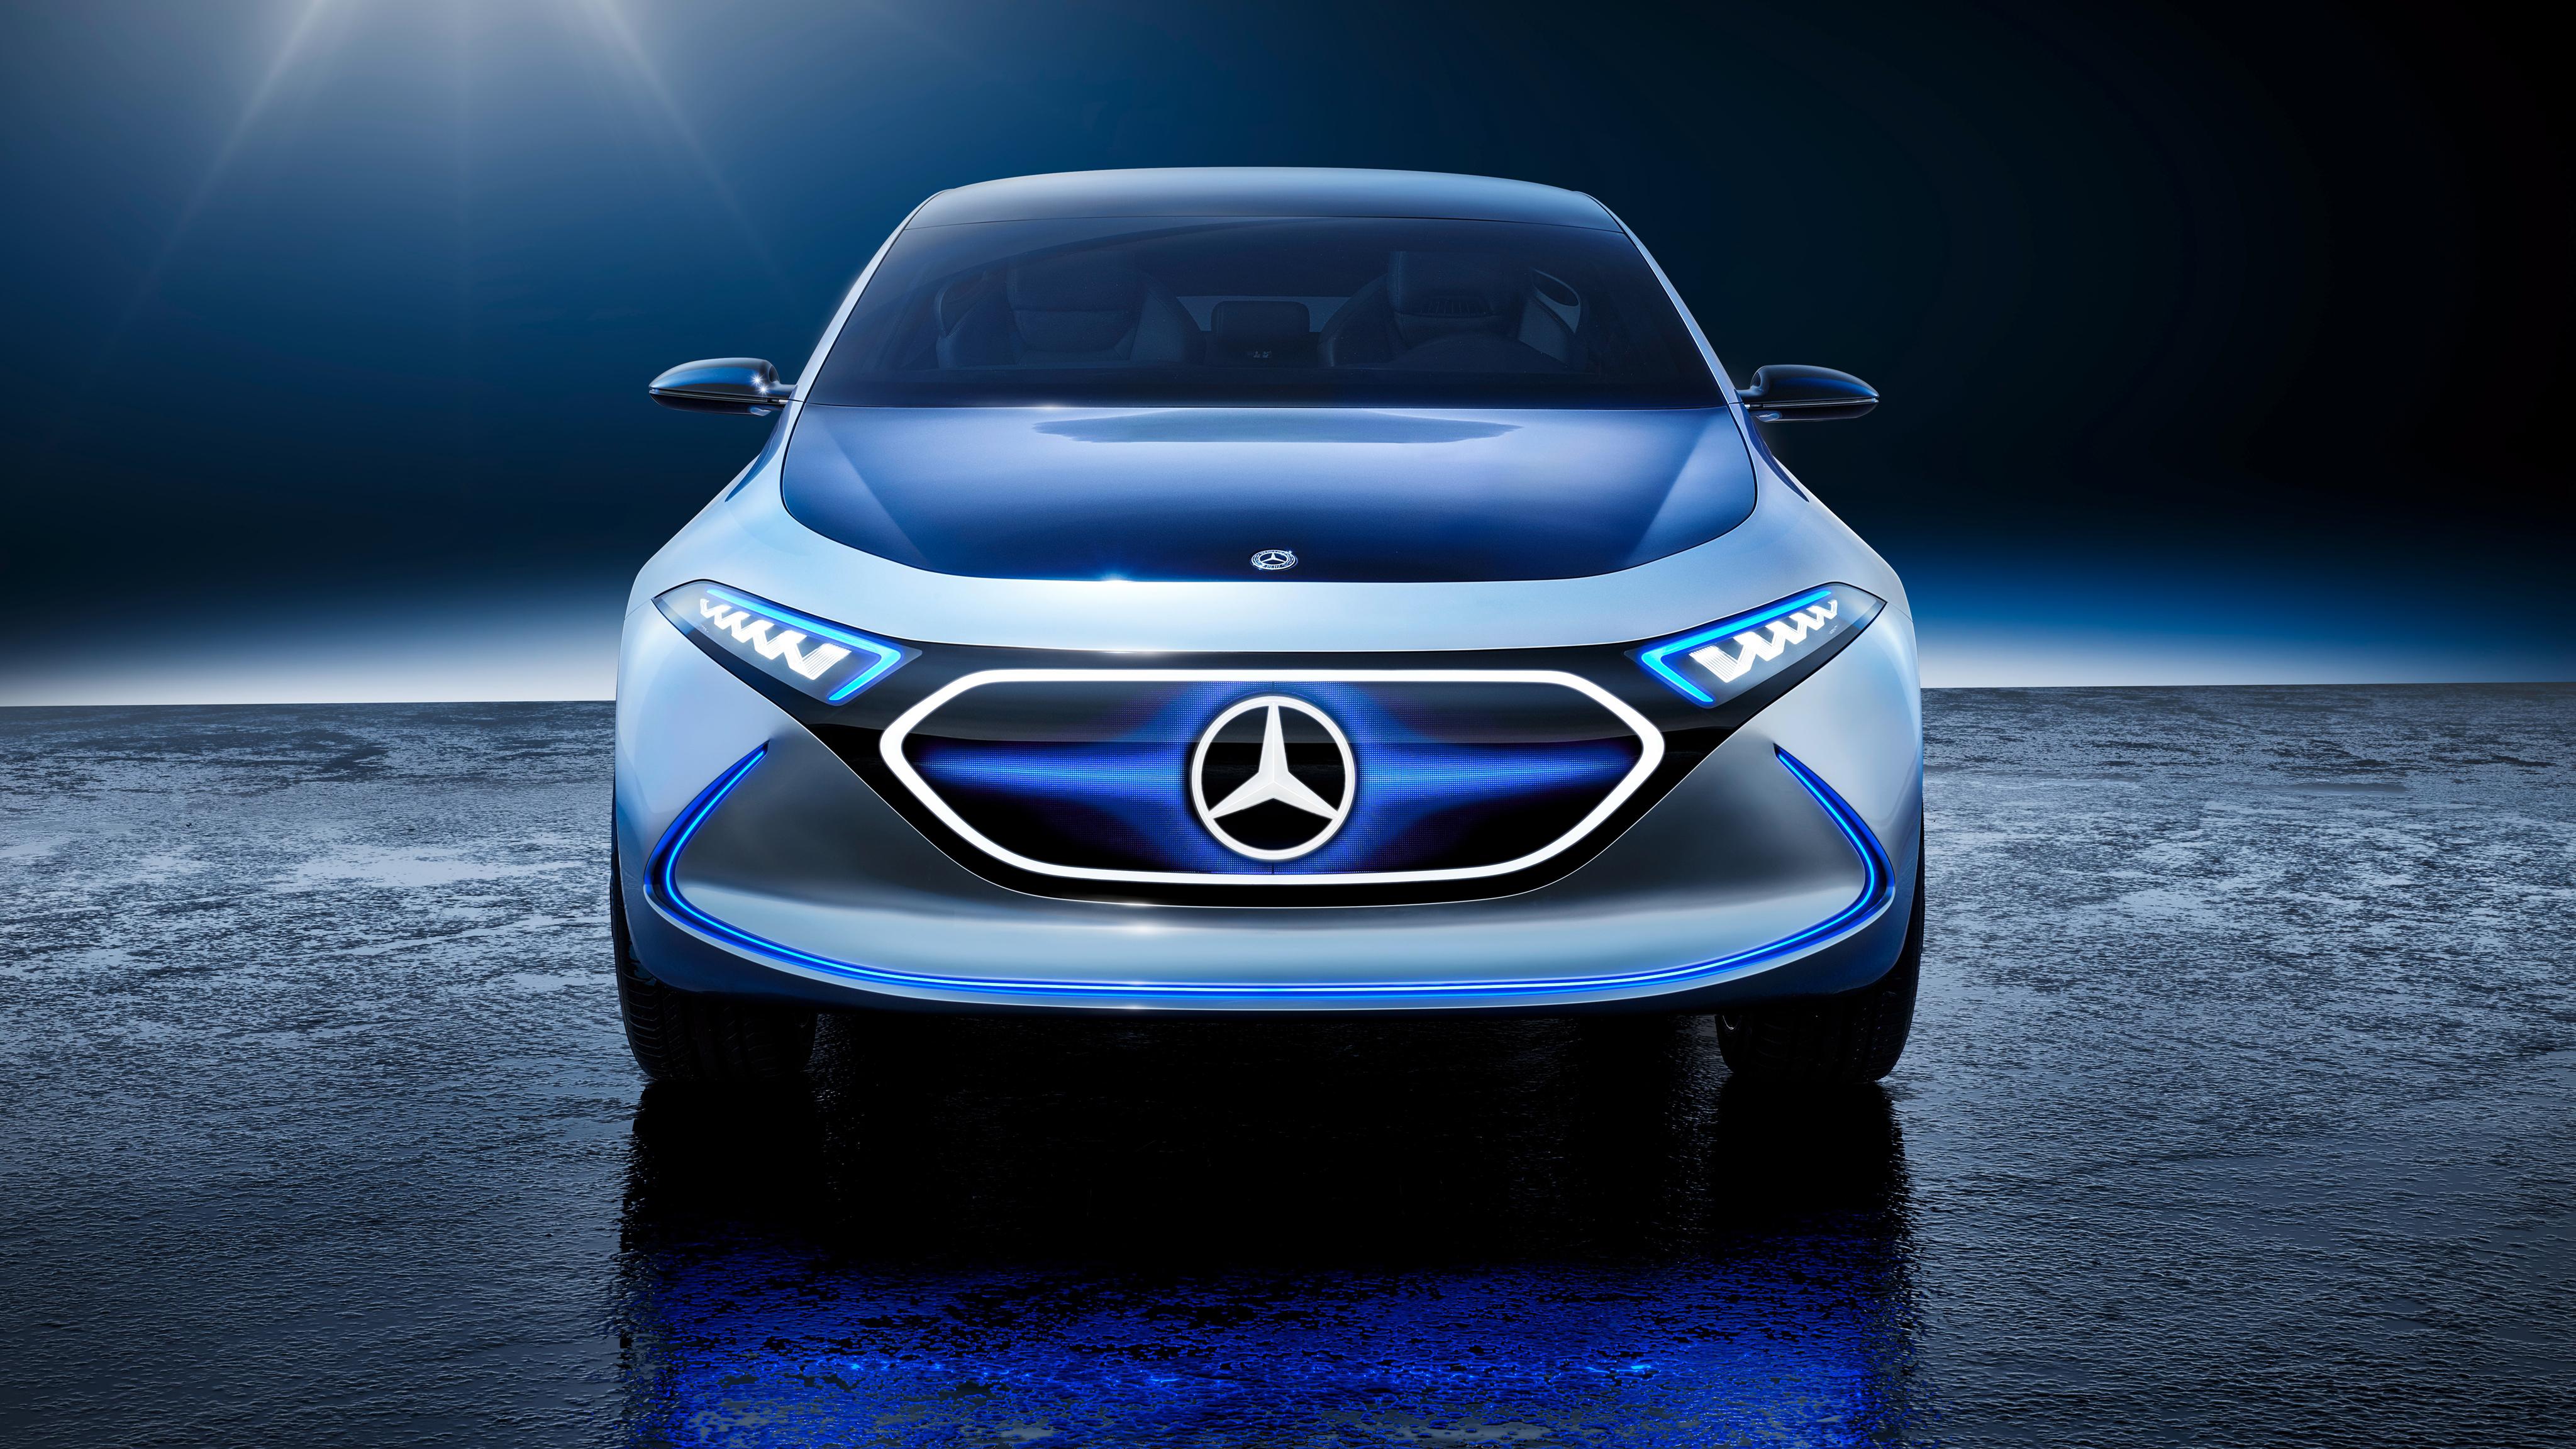 Mercedes Benz Concept EQ 4K 2 Wallpaper | HD Car ...